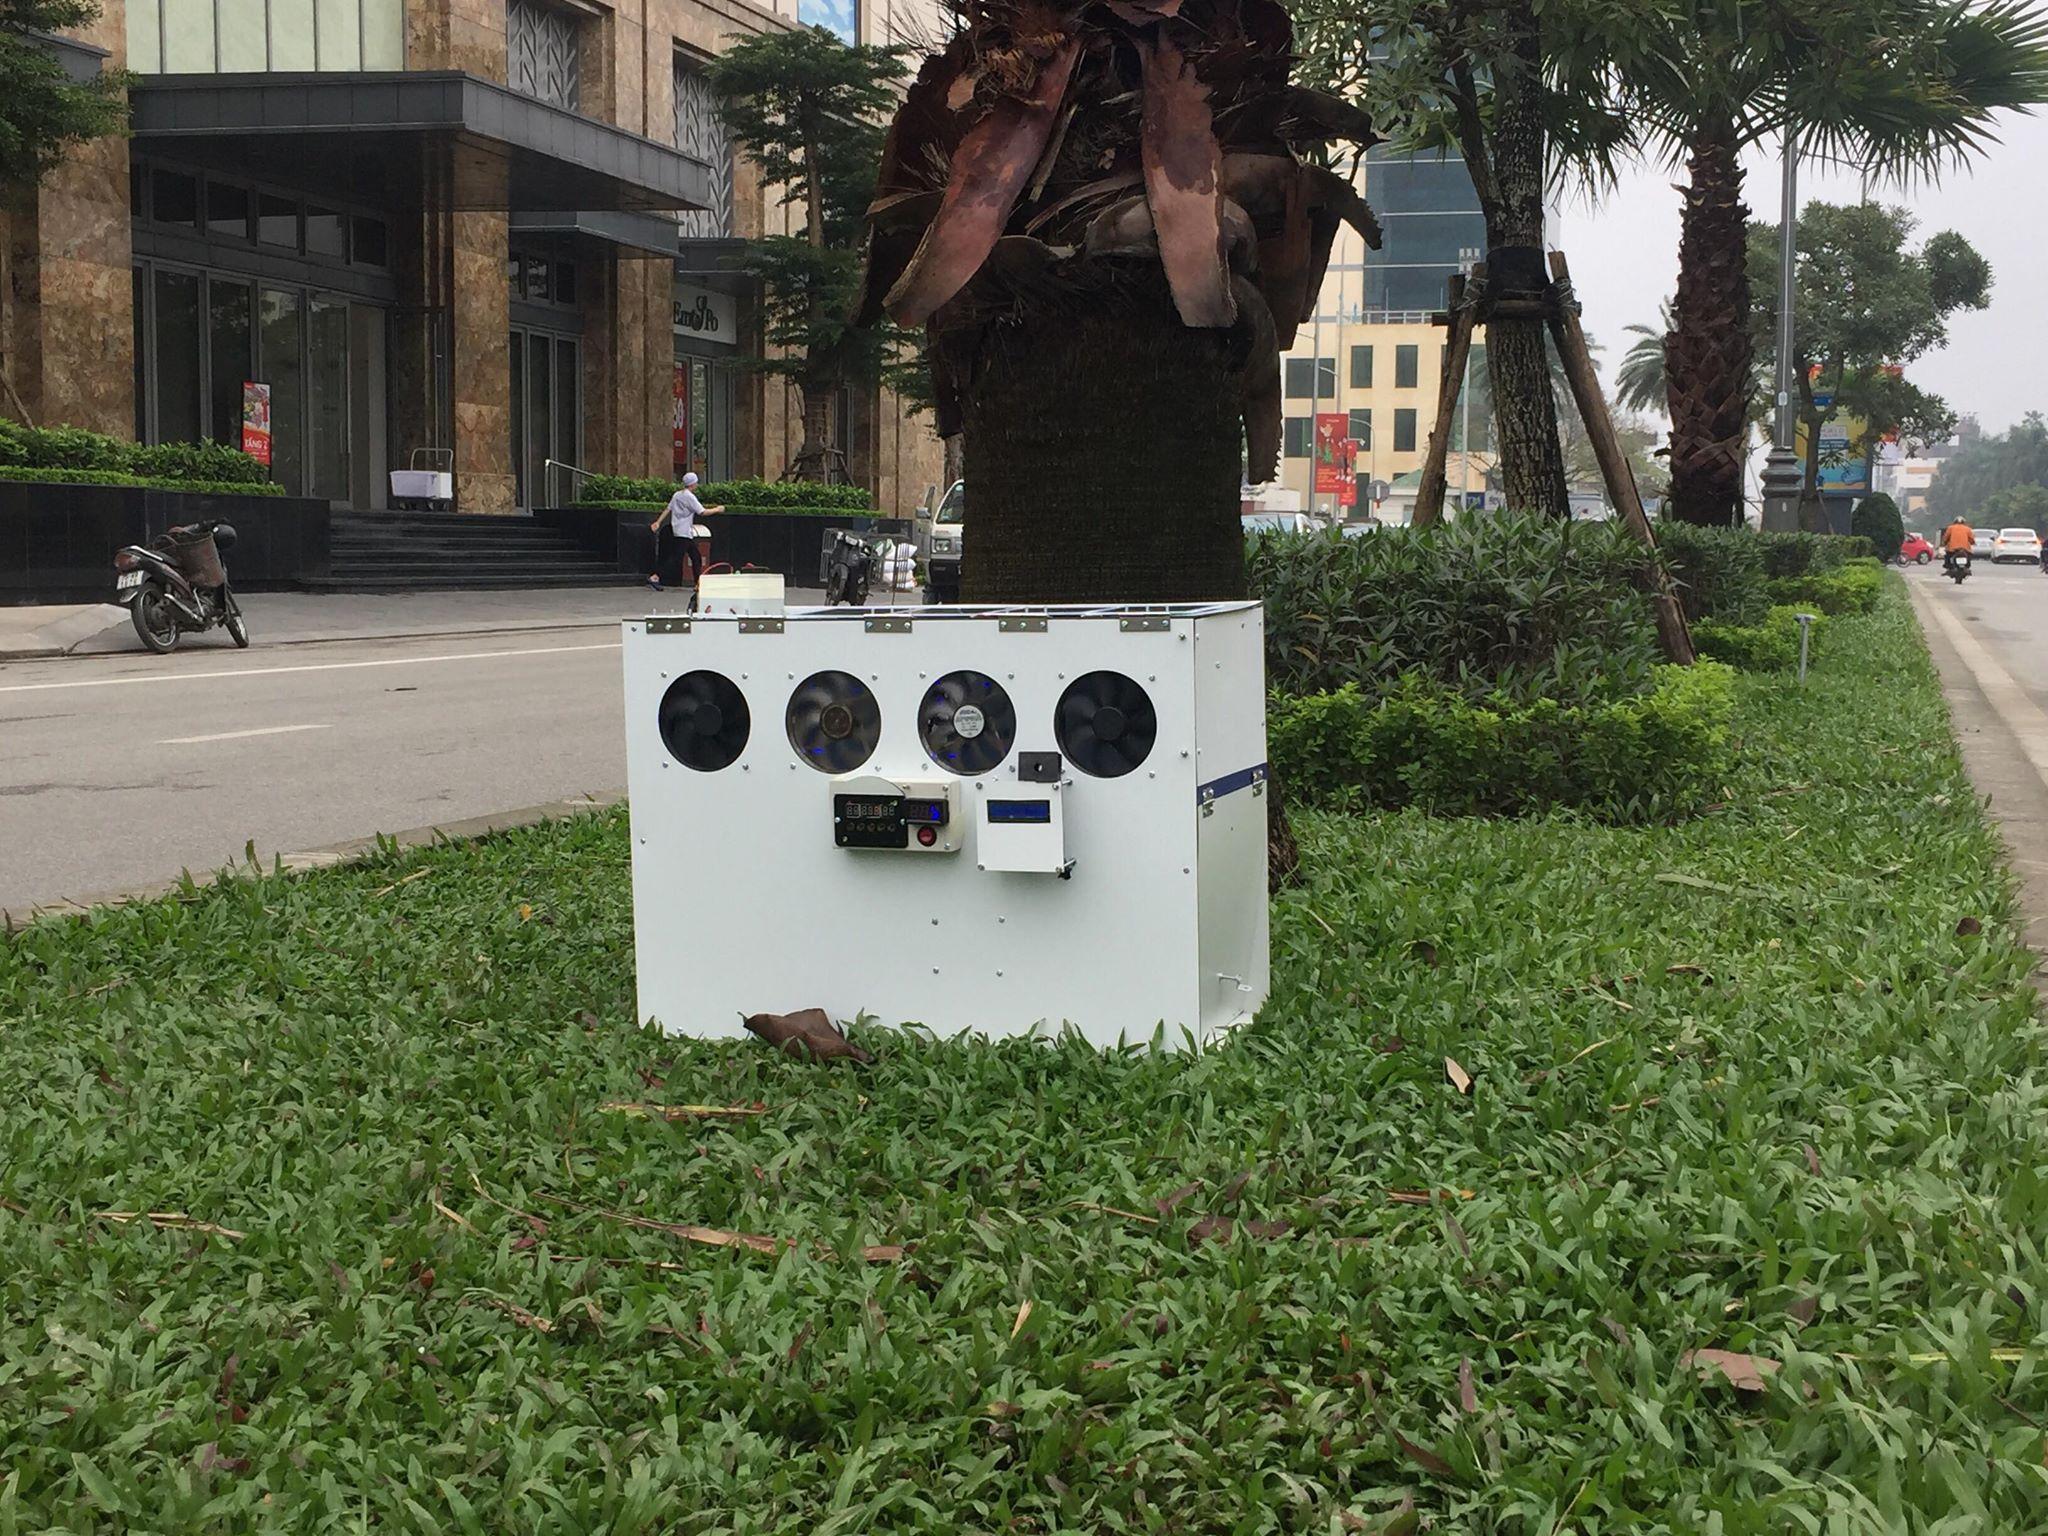 Chiếc máy được đặt thử nghiệm trên đường phố để lọc bụi. Ảnh: Nhật Tuấn.